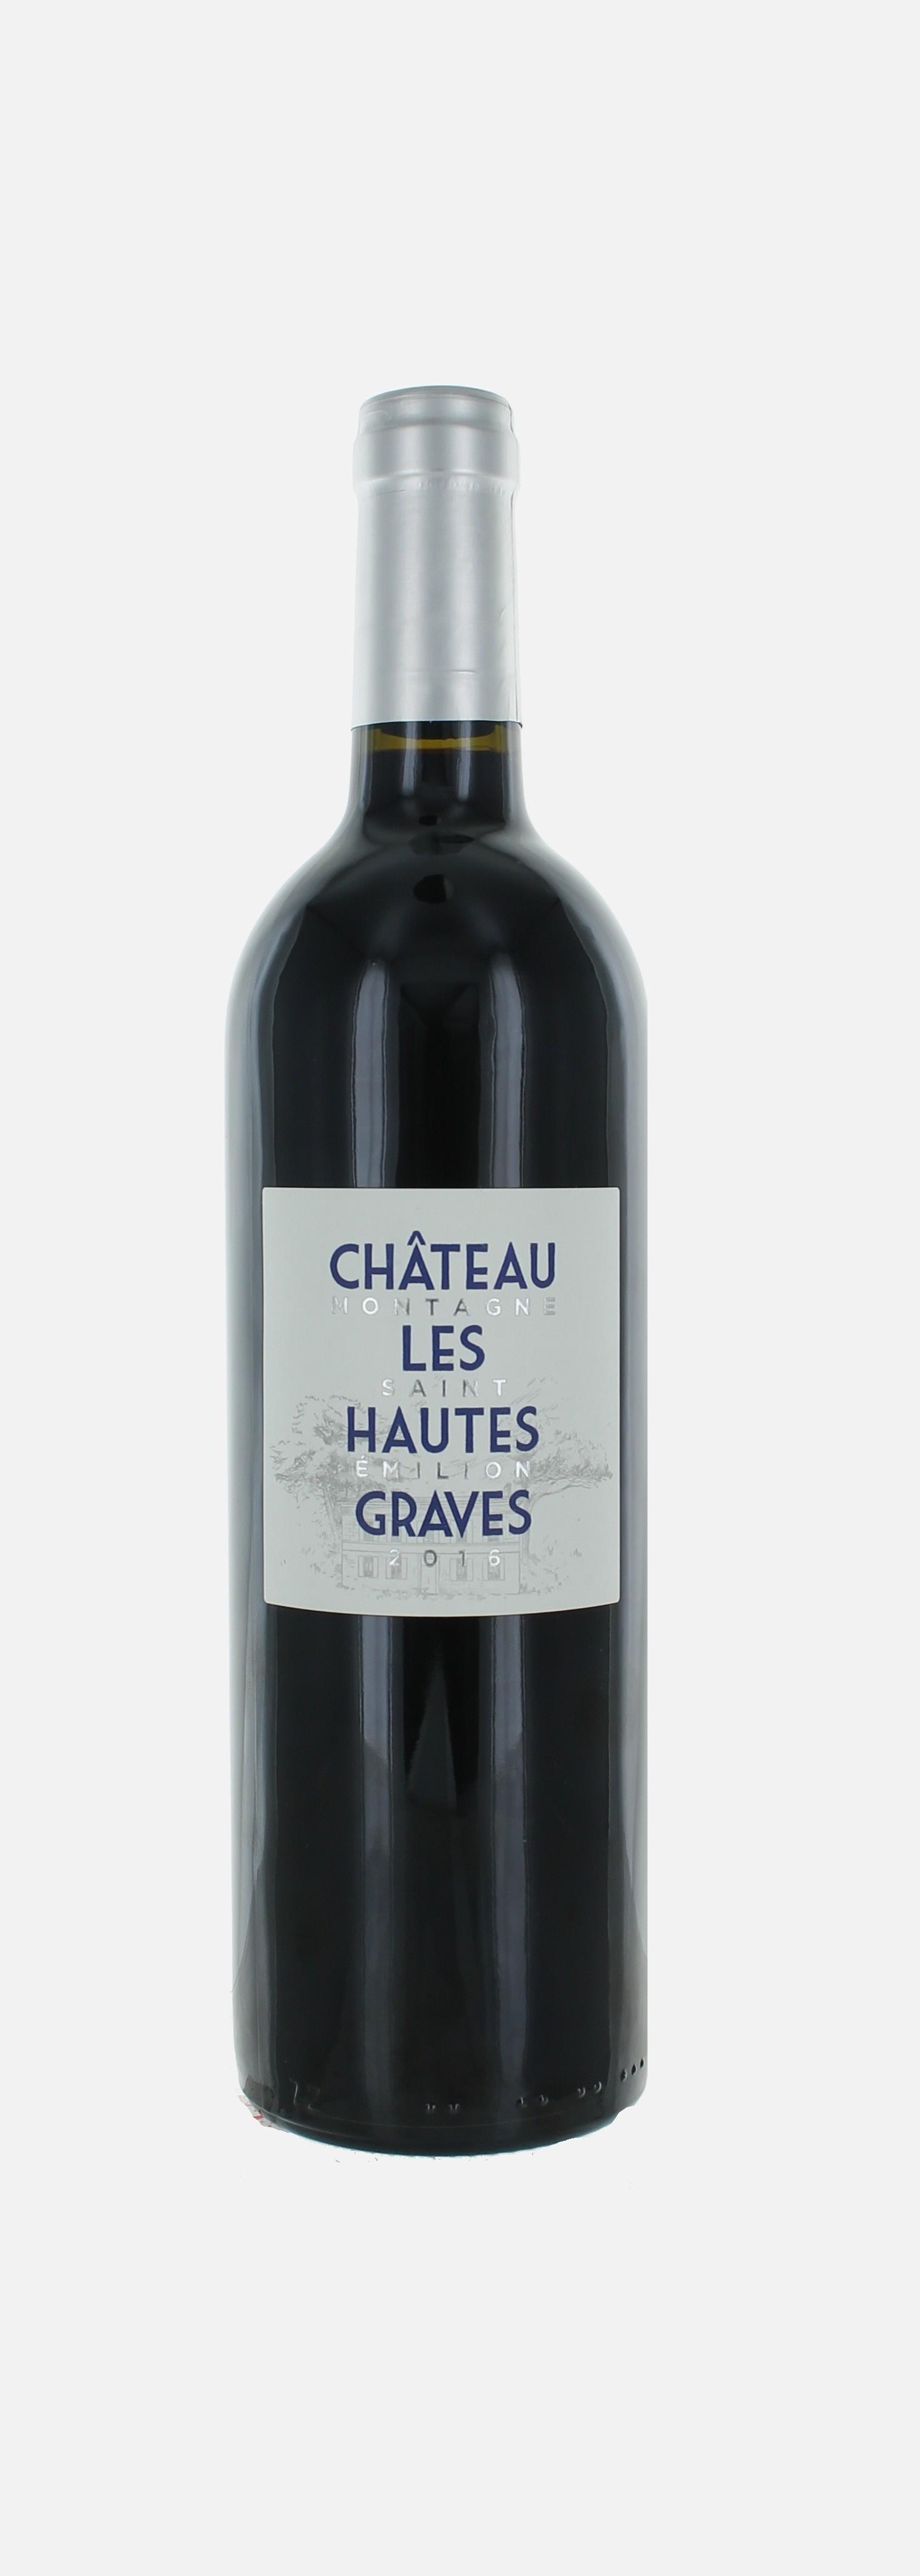 Château Les Hautes Graves, Montagne St Emilion